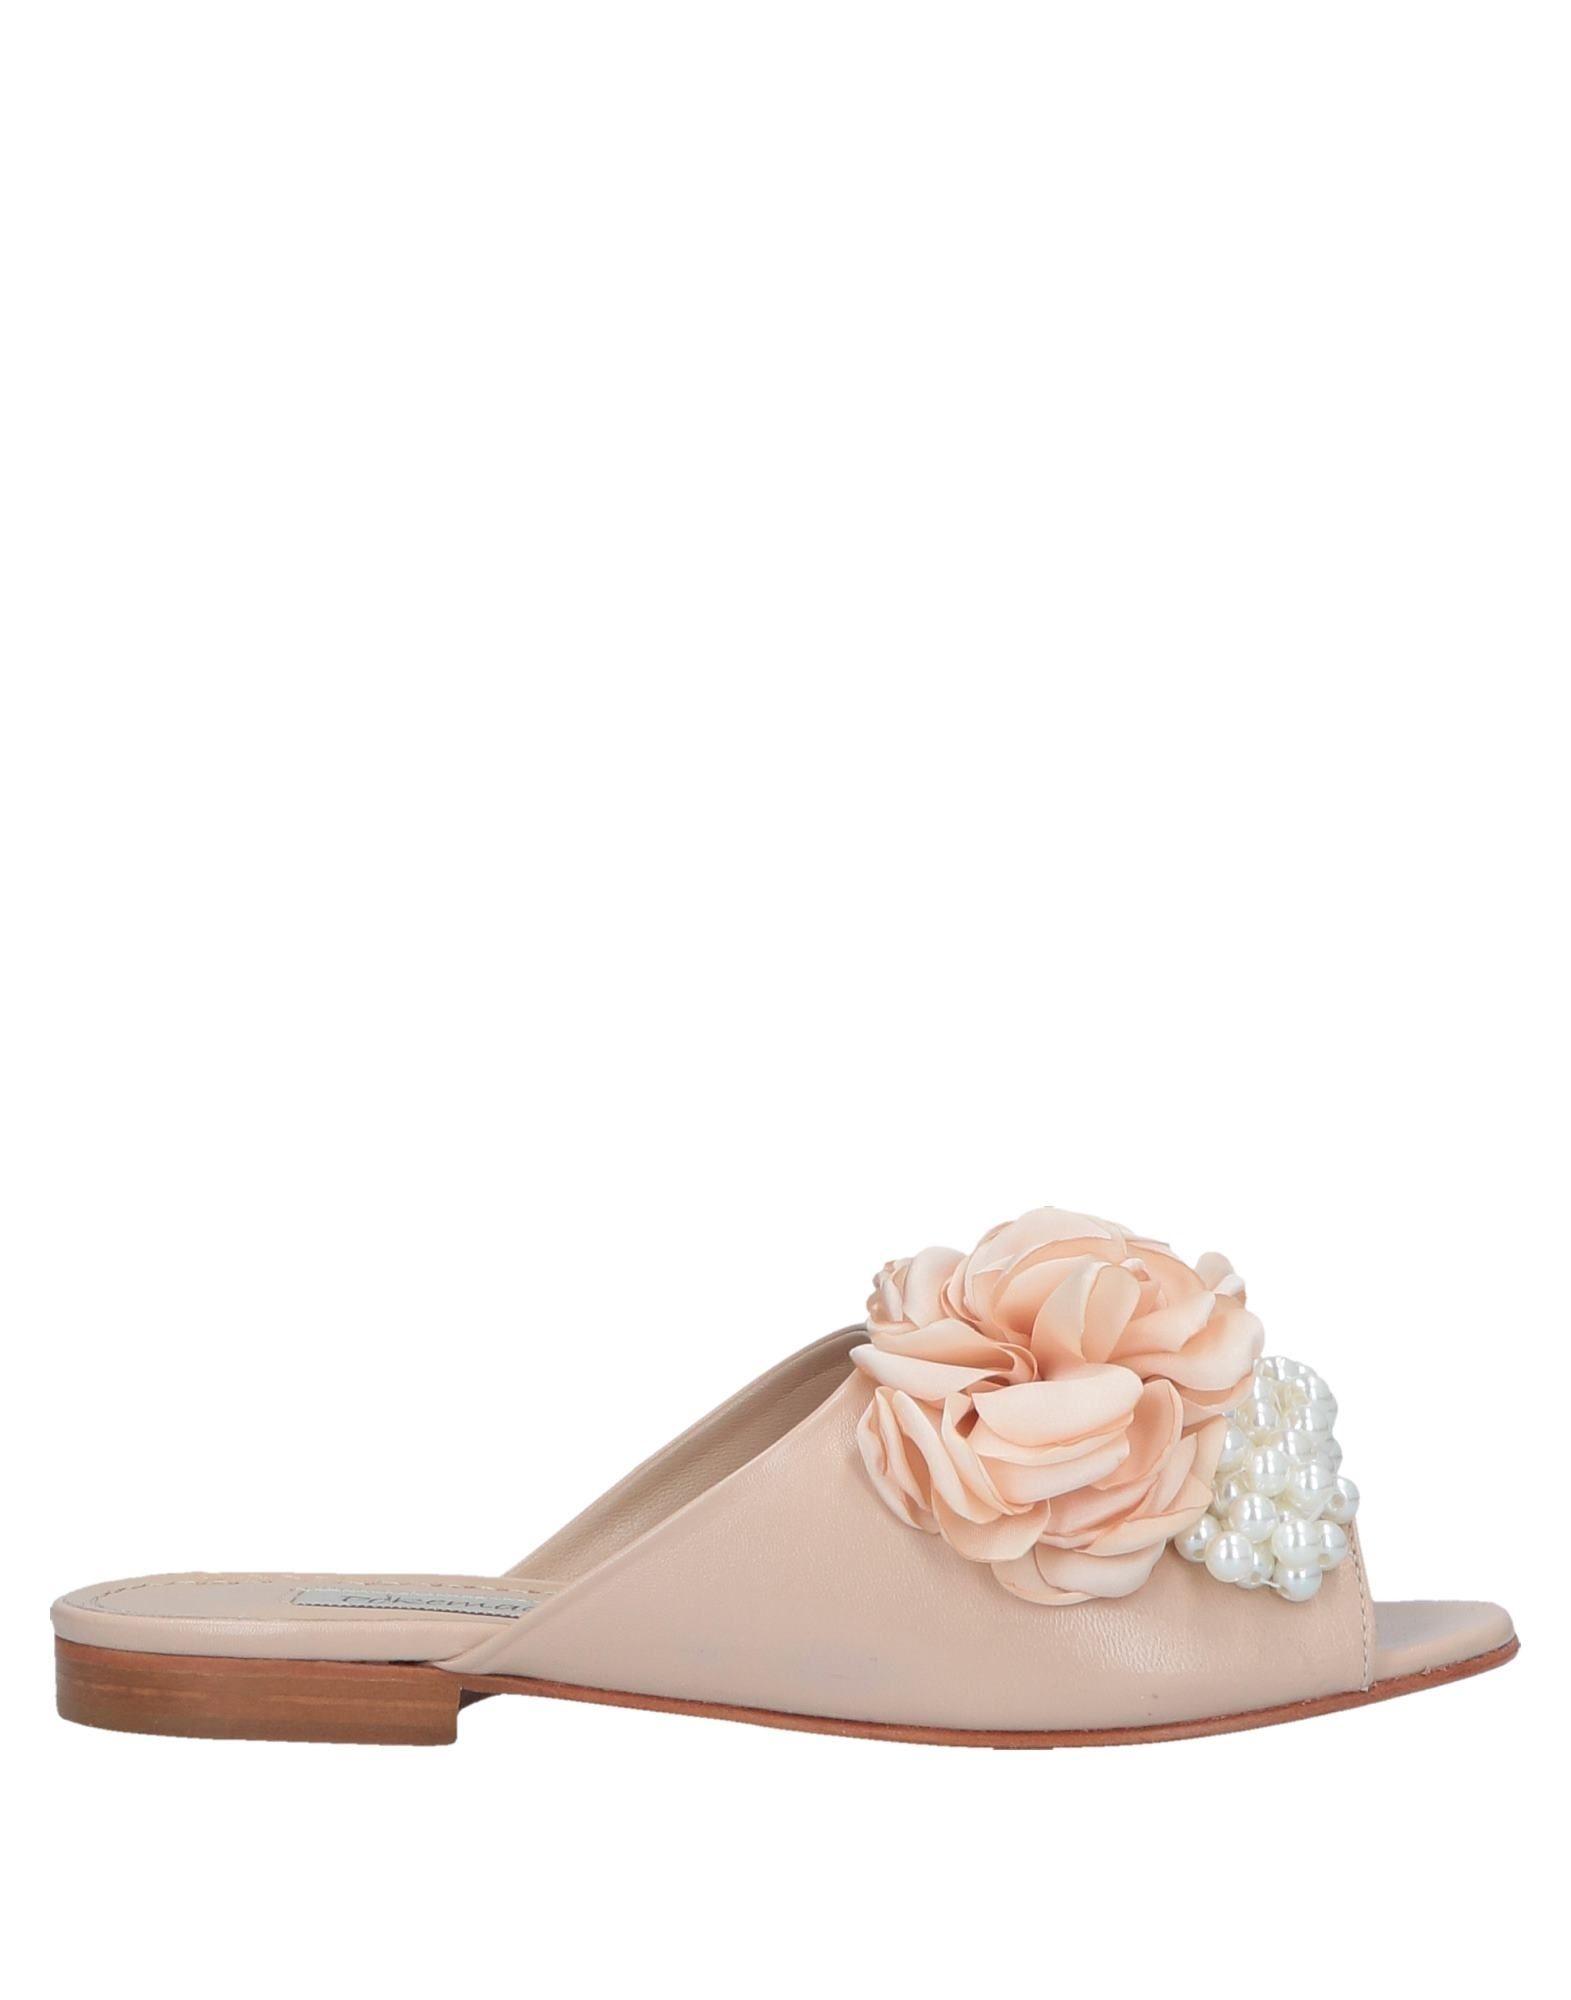 Pokemaoke Sandals In Pale Pink